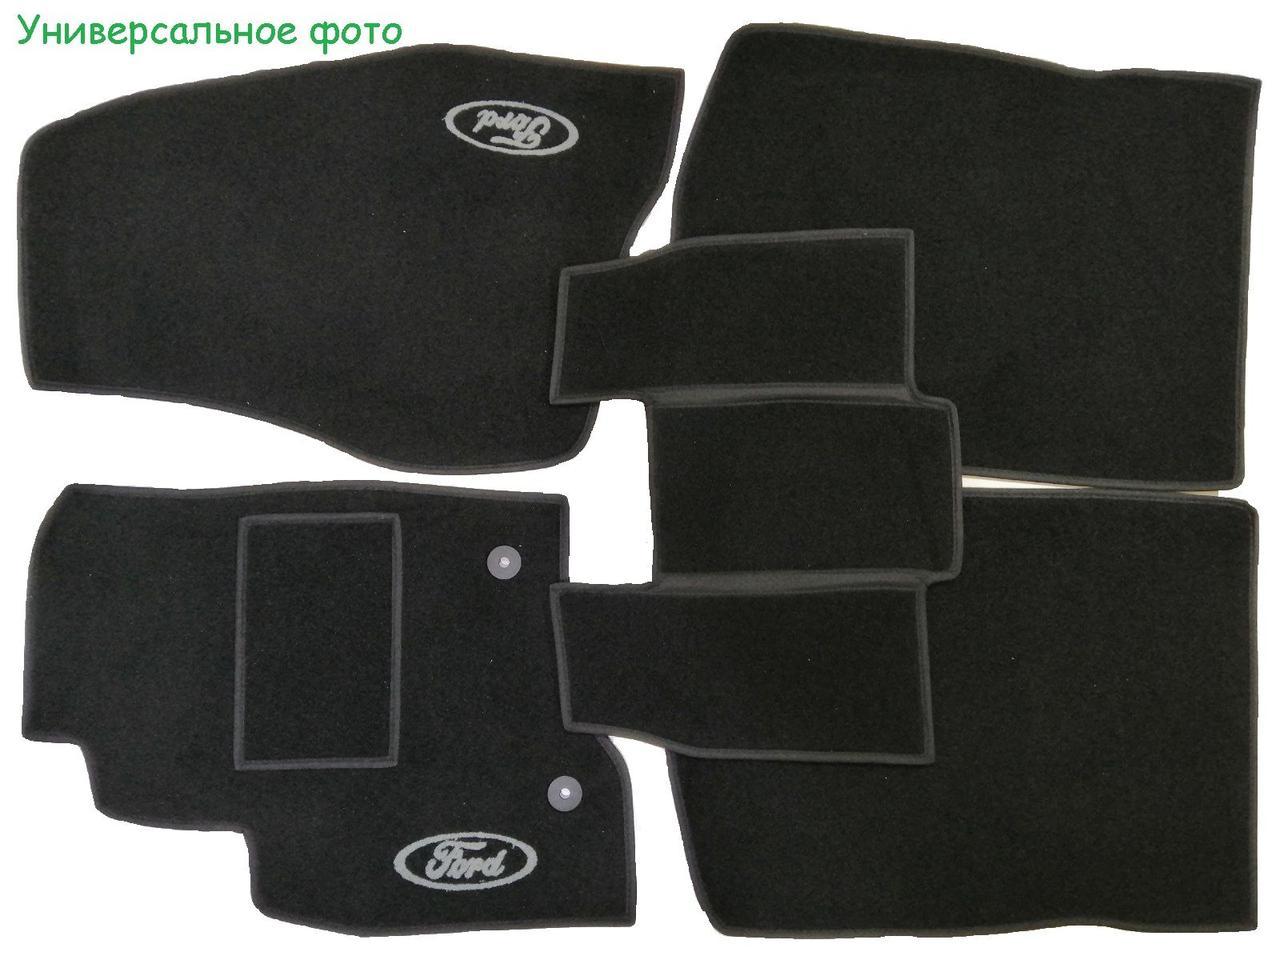 Килимки ворсові в салон на Kia Picanto'11 - чорні